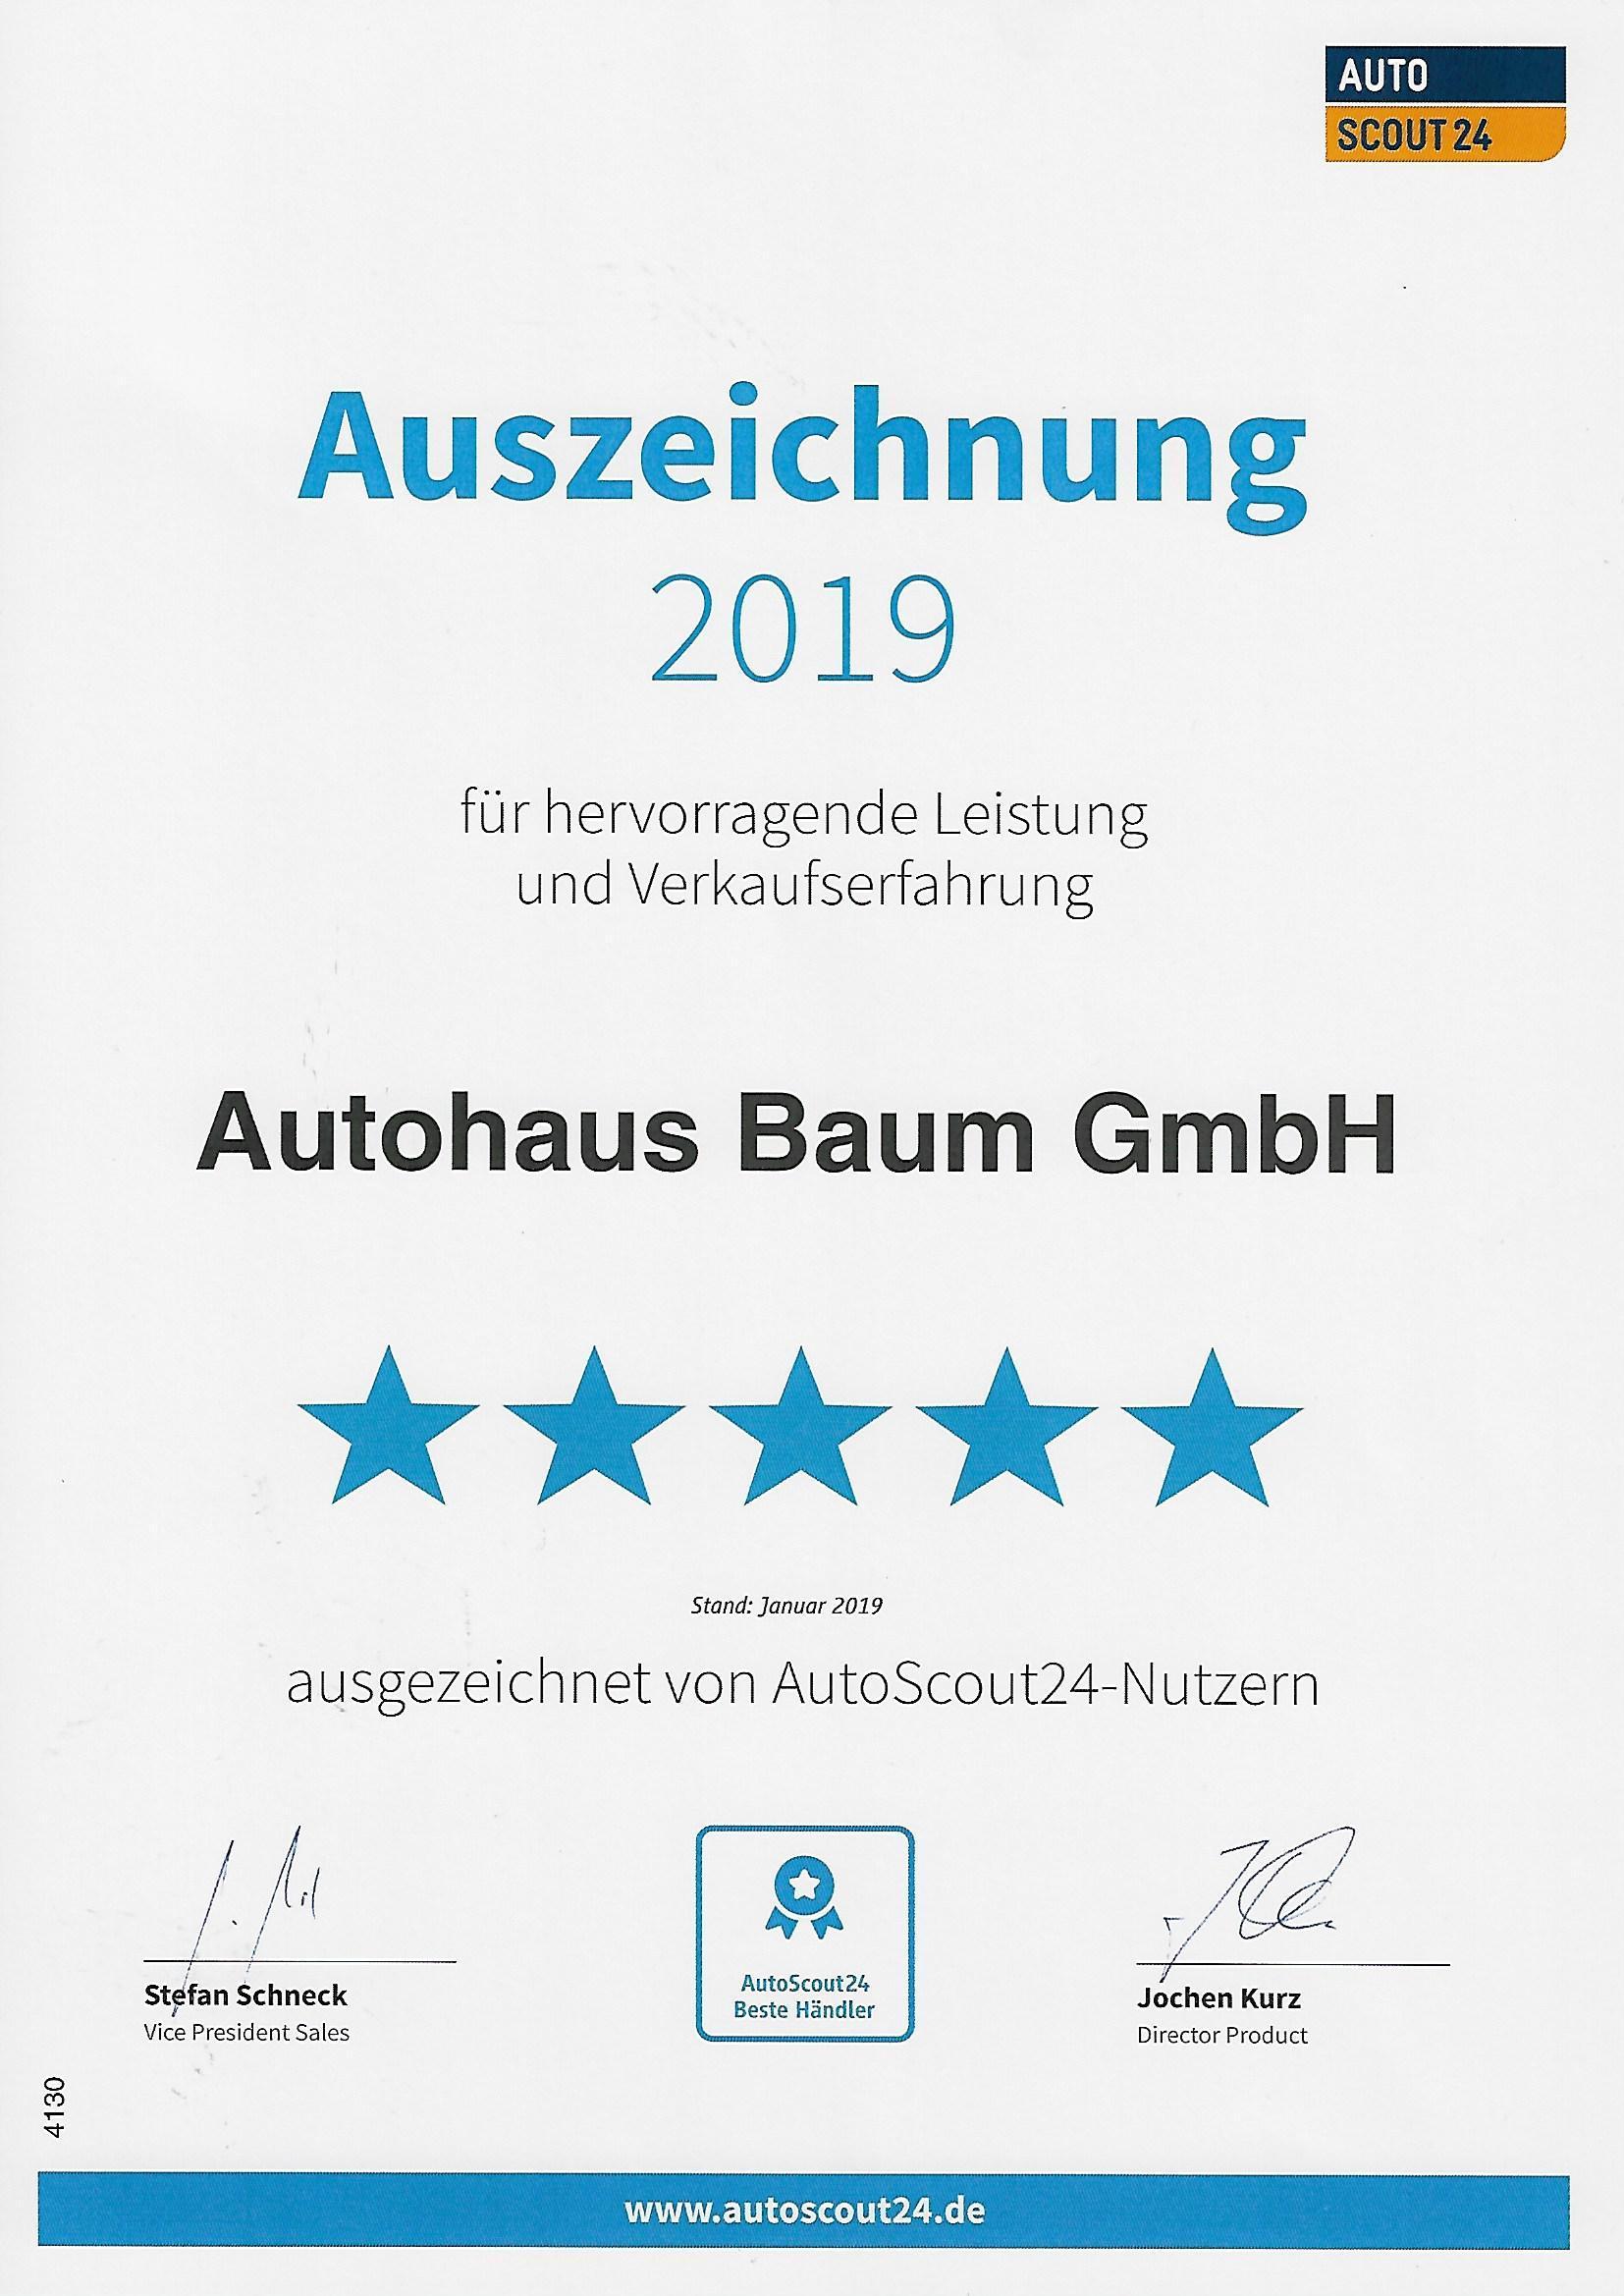 Auszeichnung 2019 für hervorragende Leistung und Verkaufserfahrung